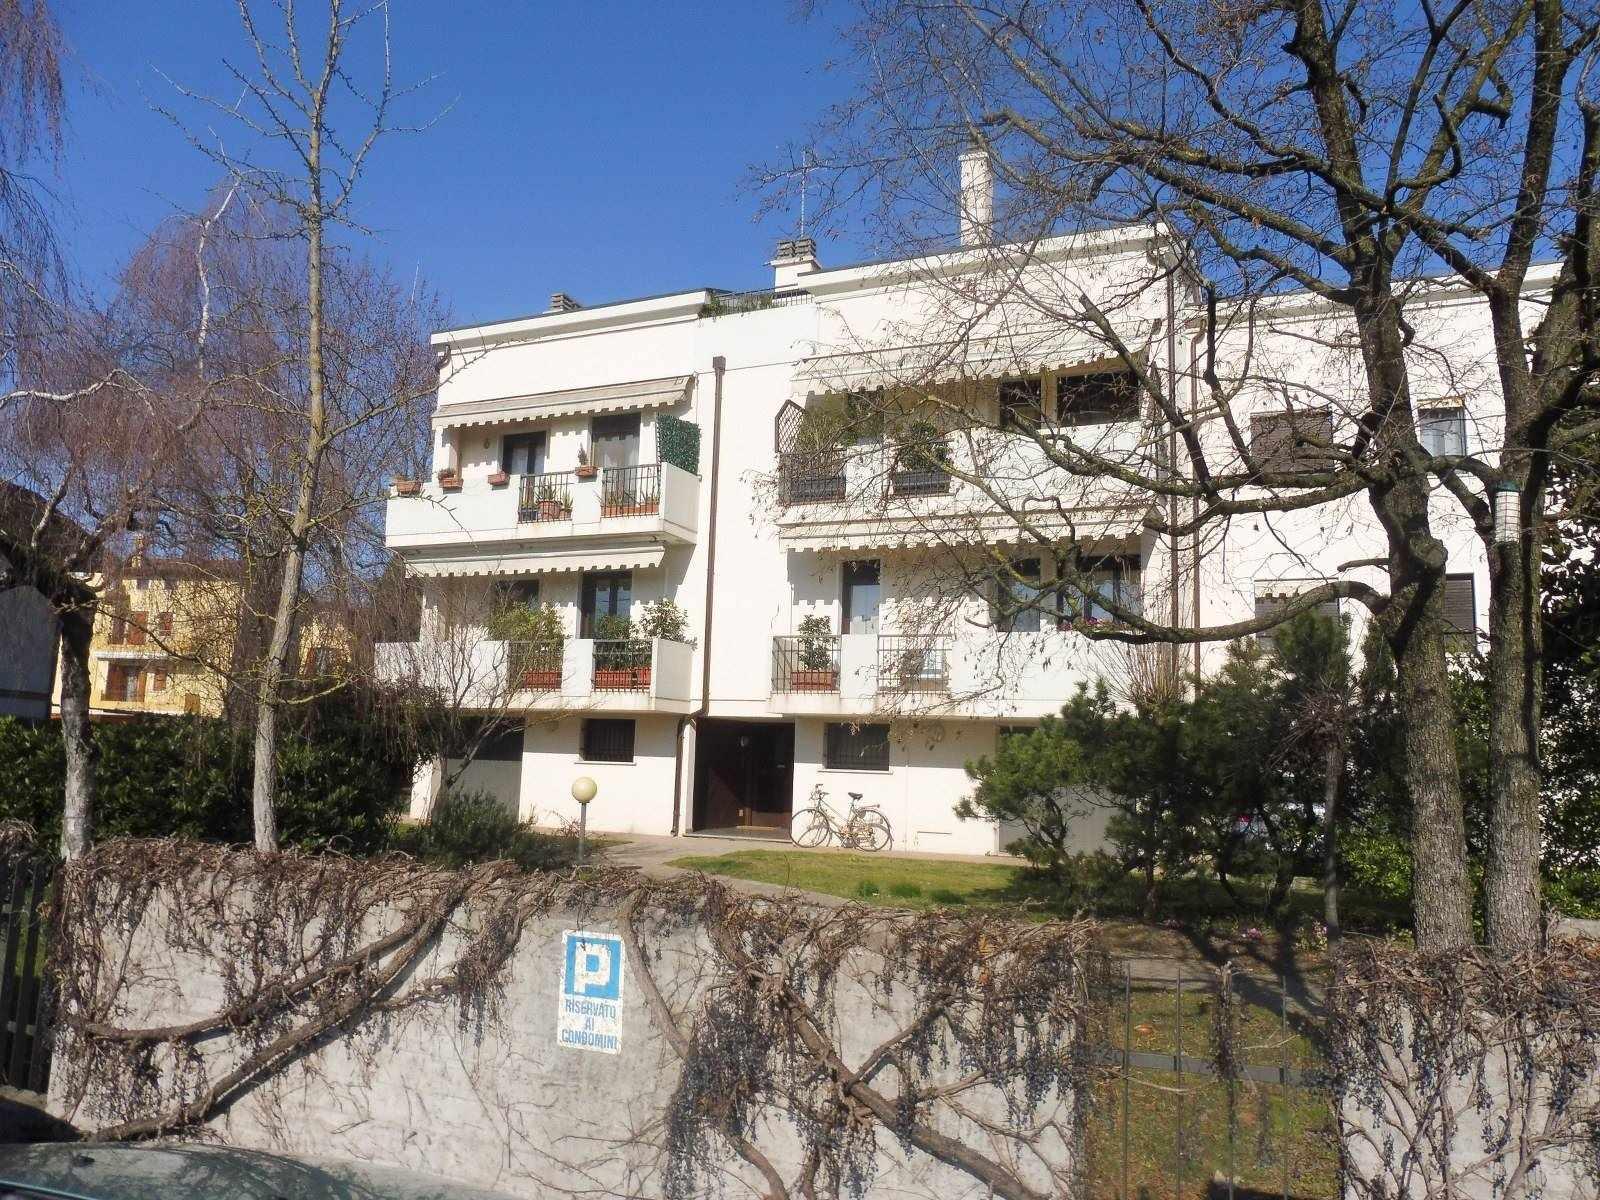 Attico / Mansarda in vendita a San Donà di Piave, 5 locali, prezzo € 239.000 | PortaleAgenzieImmobiliari.it